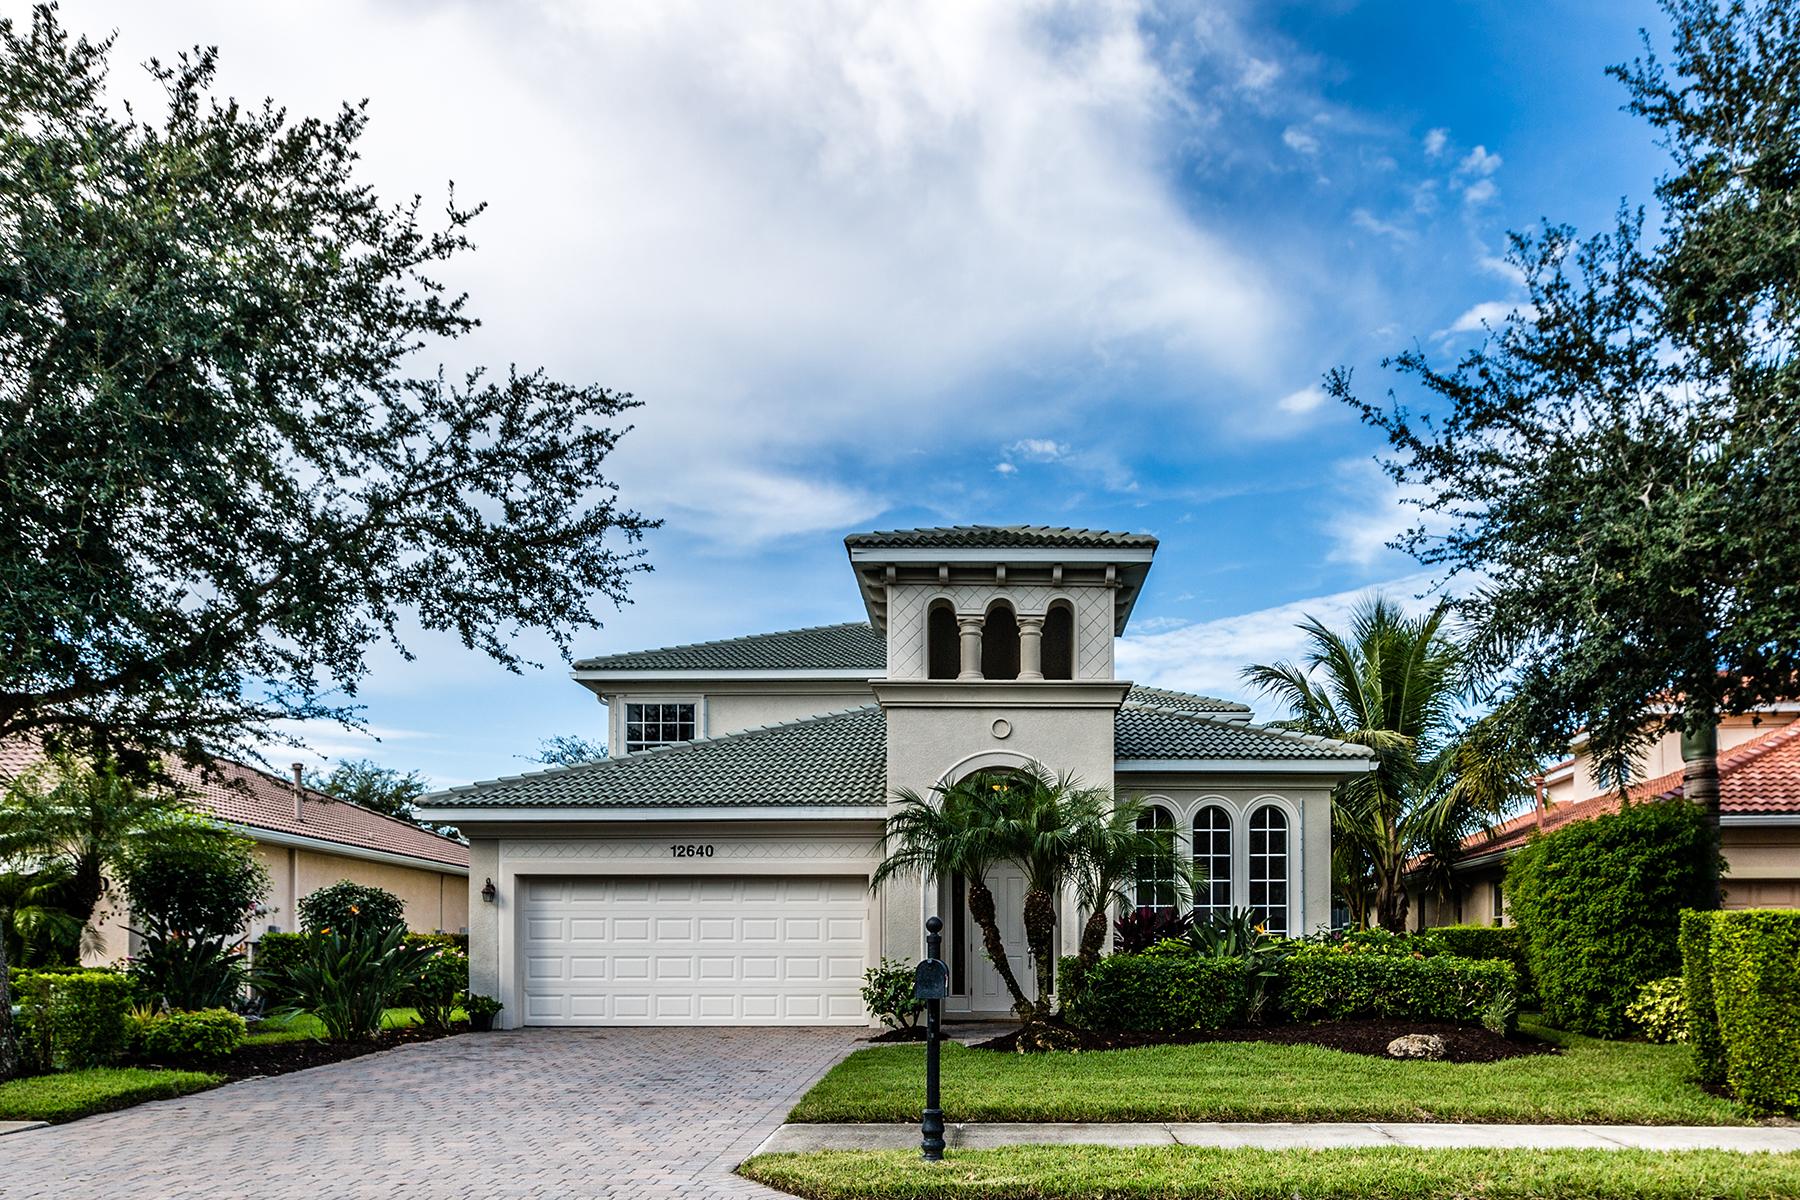 Maison unifamiliale pour l Vente à AVIANO 12640 Biscayne Ct Naples, Florida, 34105 États-Unis